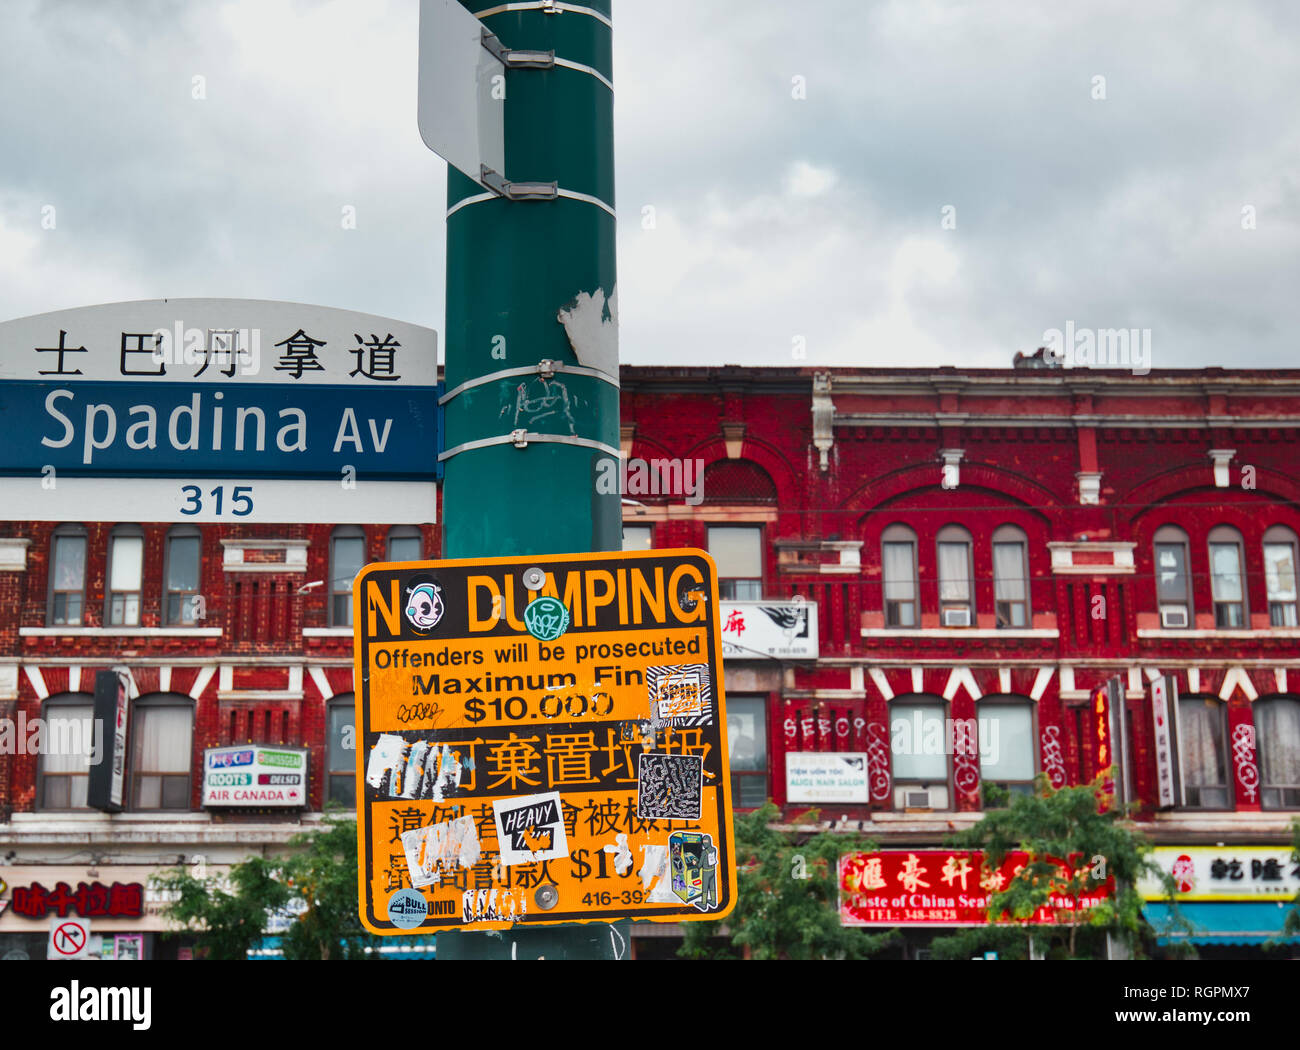 Spadina Avenue street cartel con el nombre en inglés y chino, Chinatown, Toronto, Ontario, Canadá Foto de stock